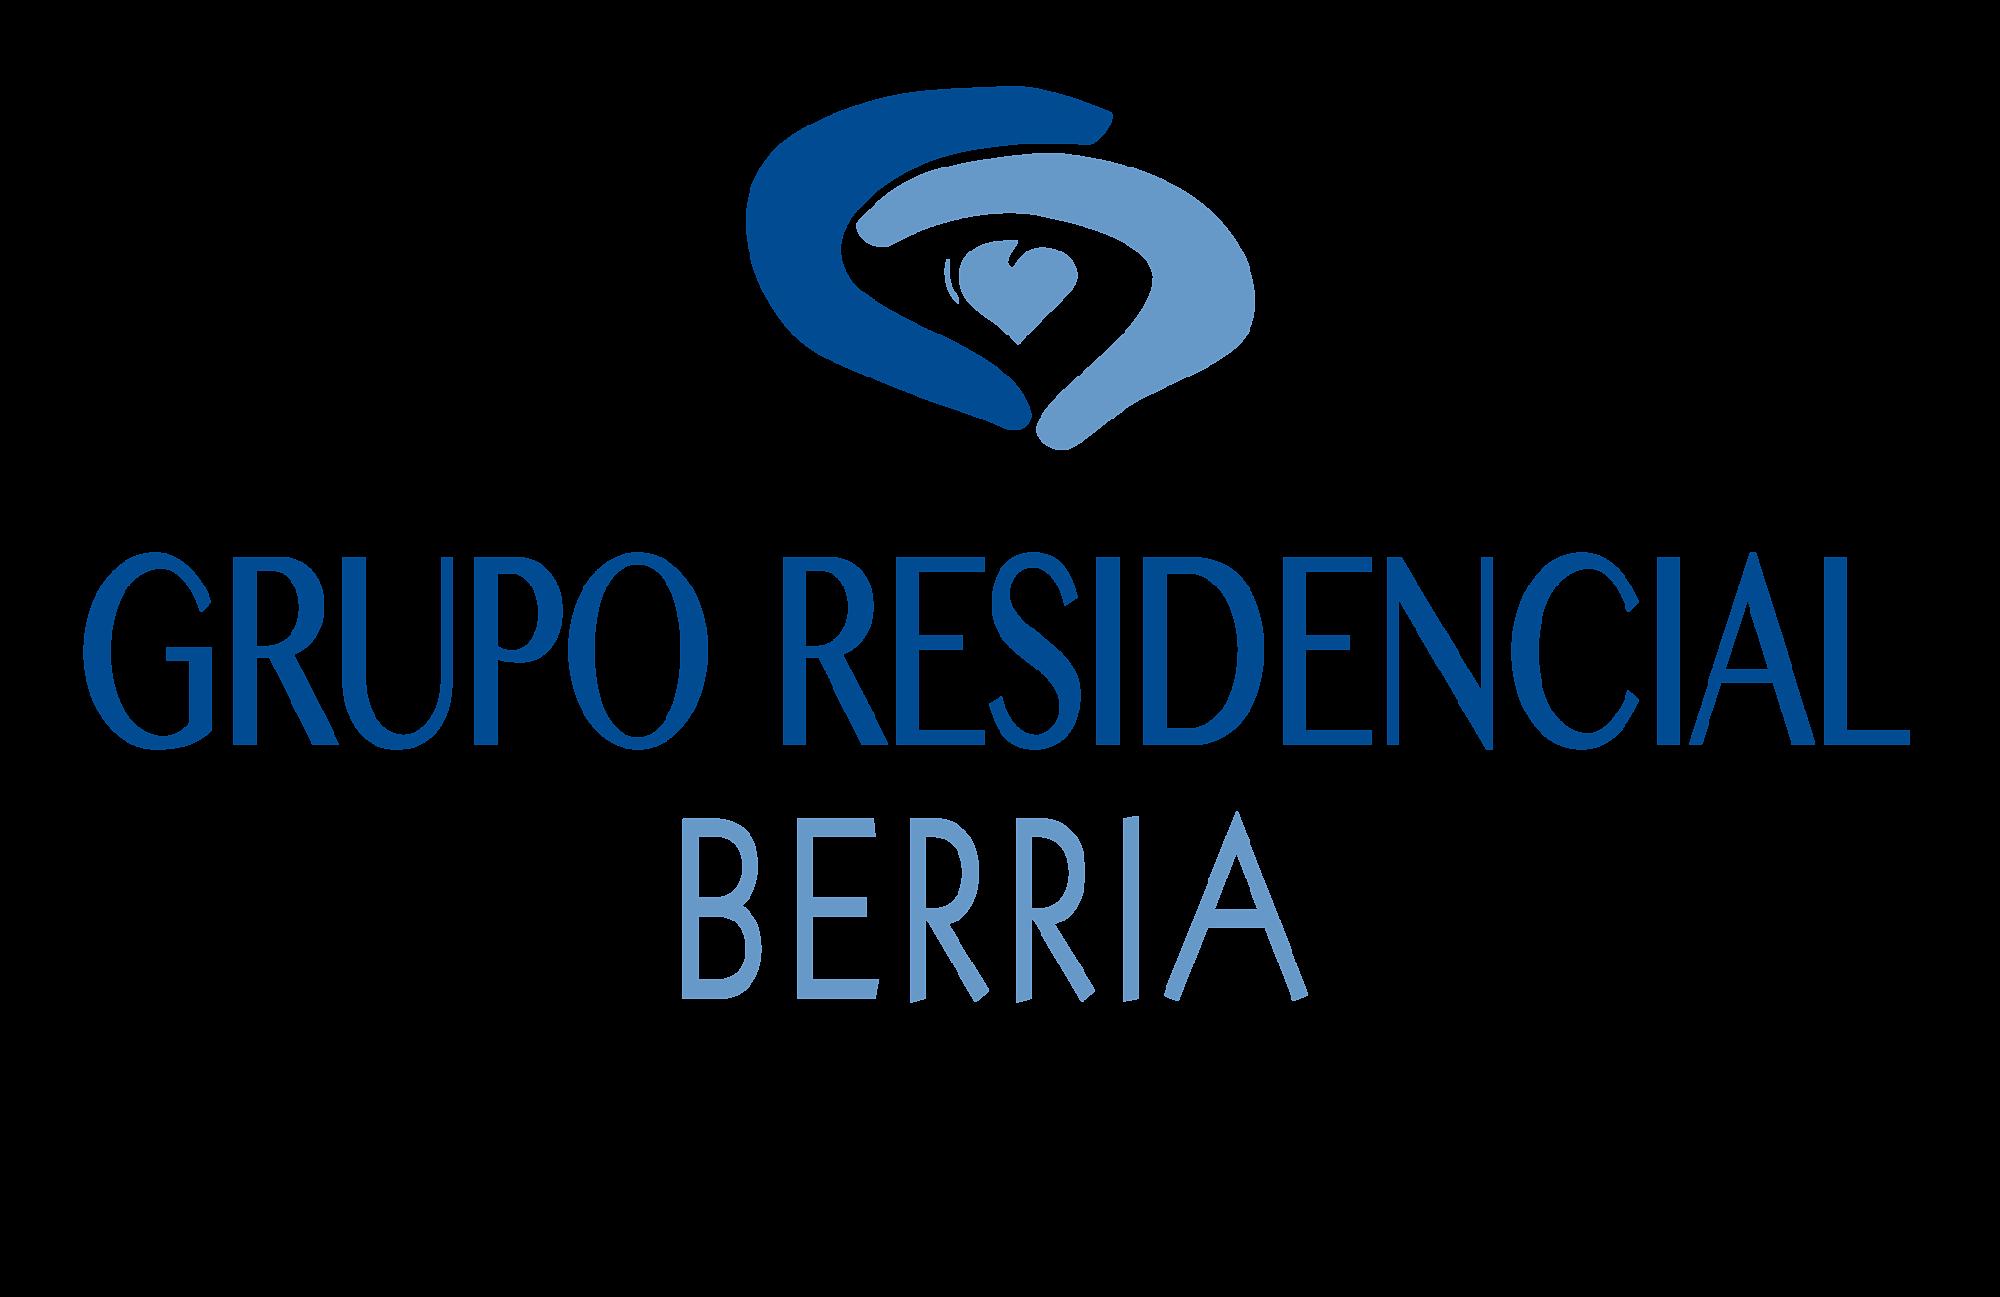 Grupo Residencial Berria.